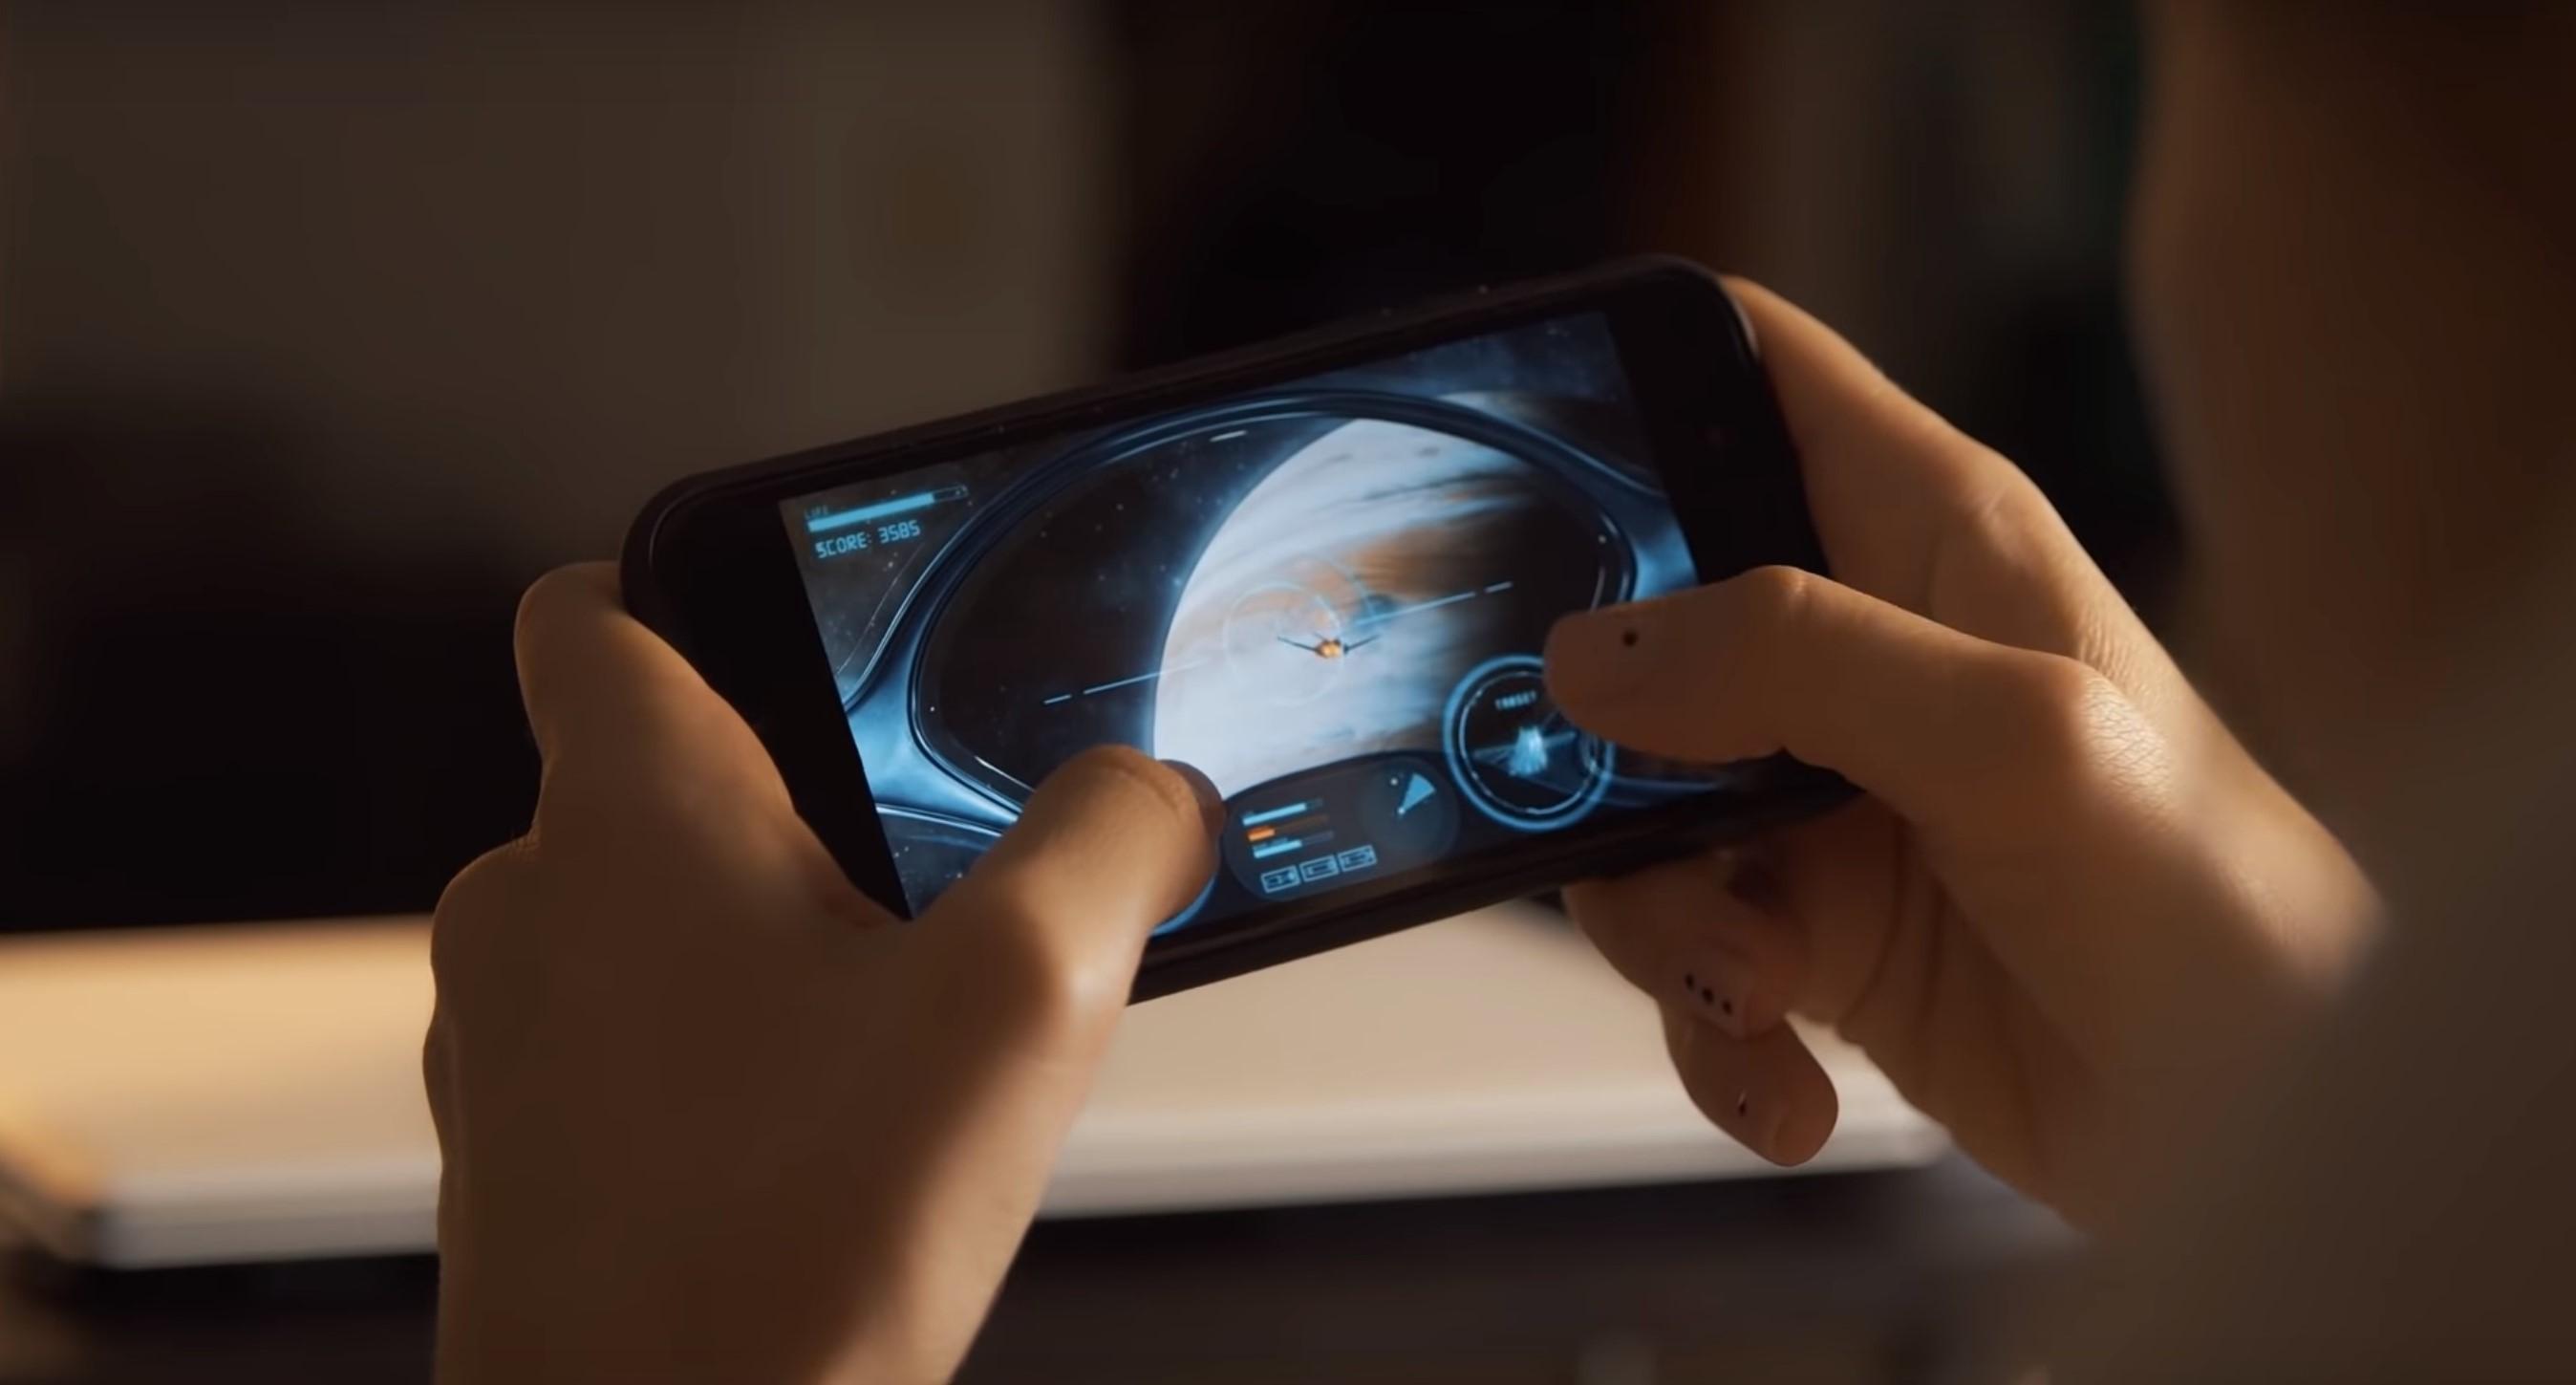 """Procesor MediaTek Helio G70 dla mniej zamożnych graczy. Bo teraz wszystko jest """"gamingowe"""" 16"""